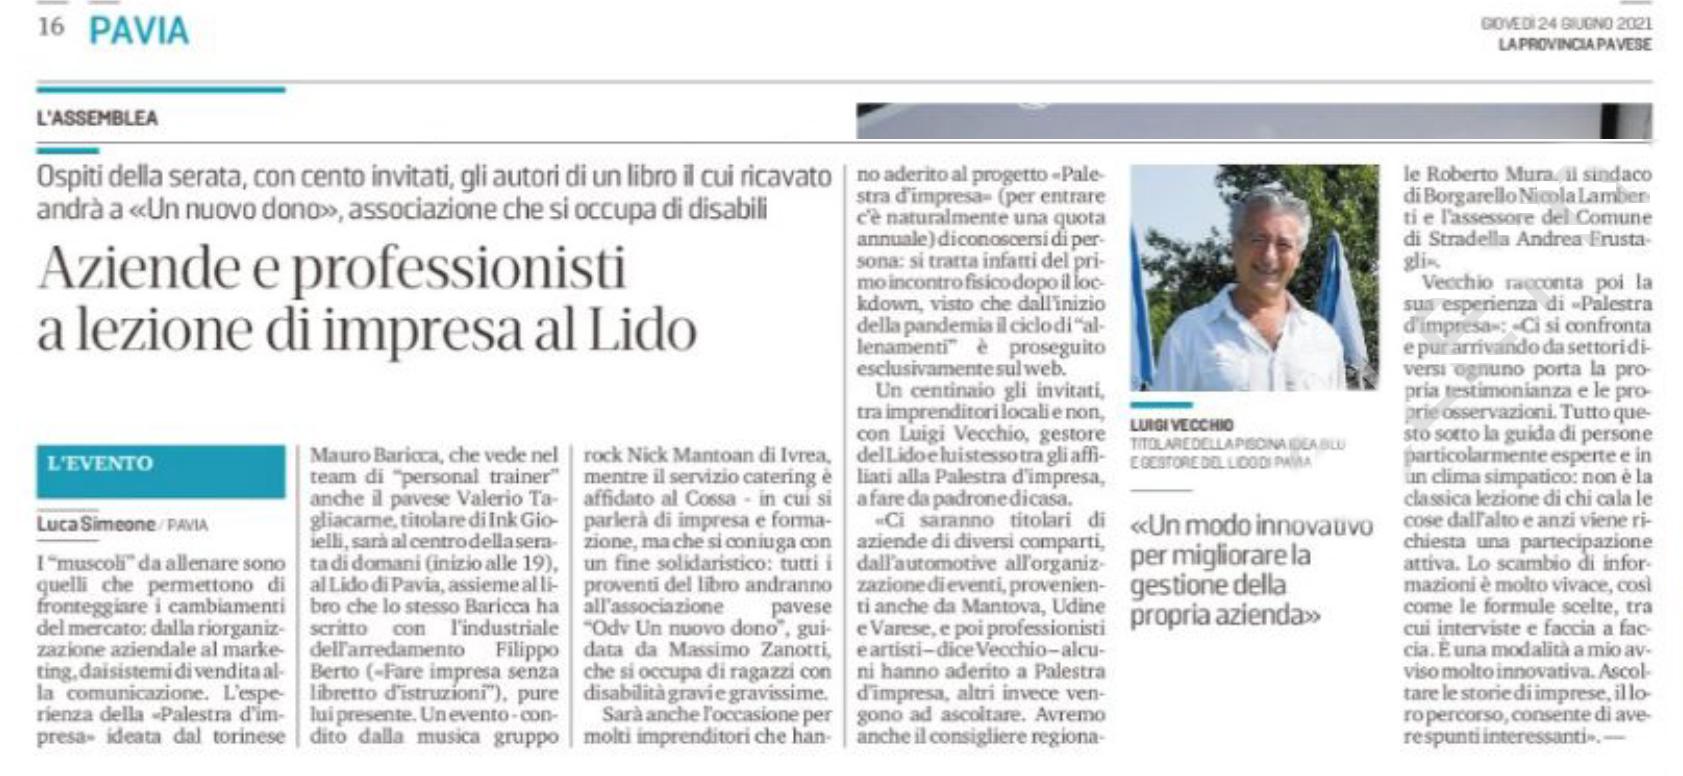 La Provincia Pavese - articolo